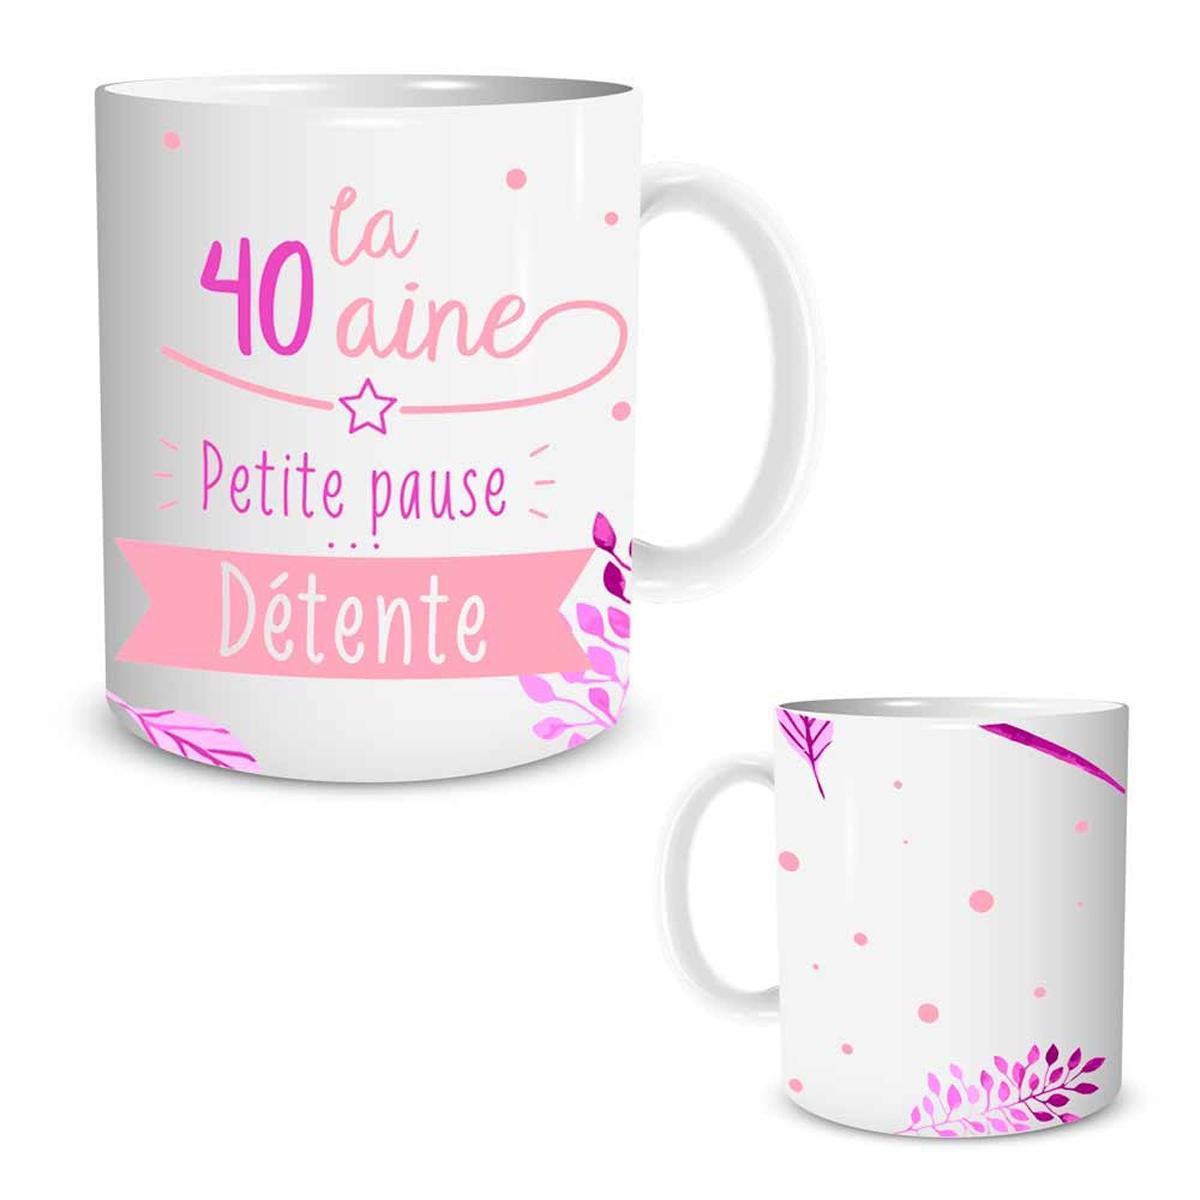 Mug céramique \'40 ans\' blanc rose (petite pause détente) - [P5457]